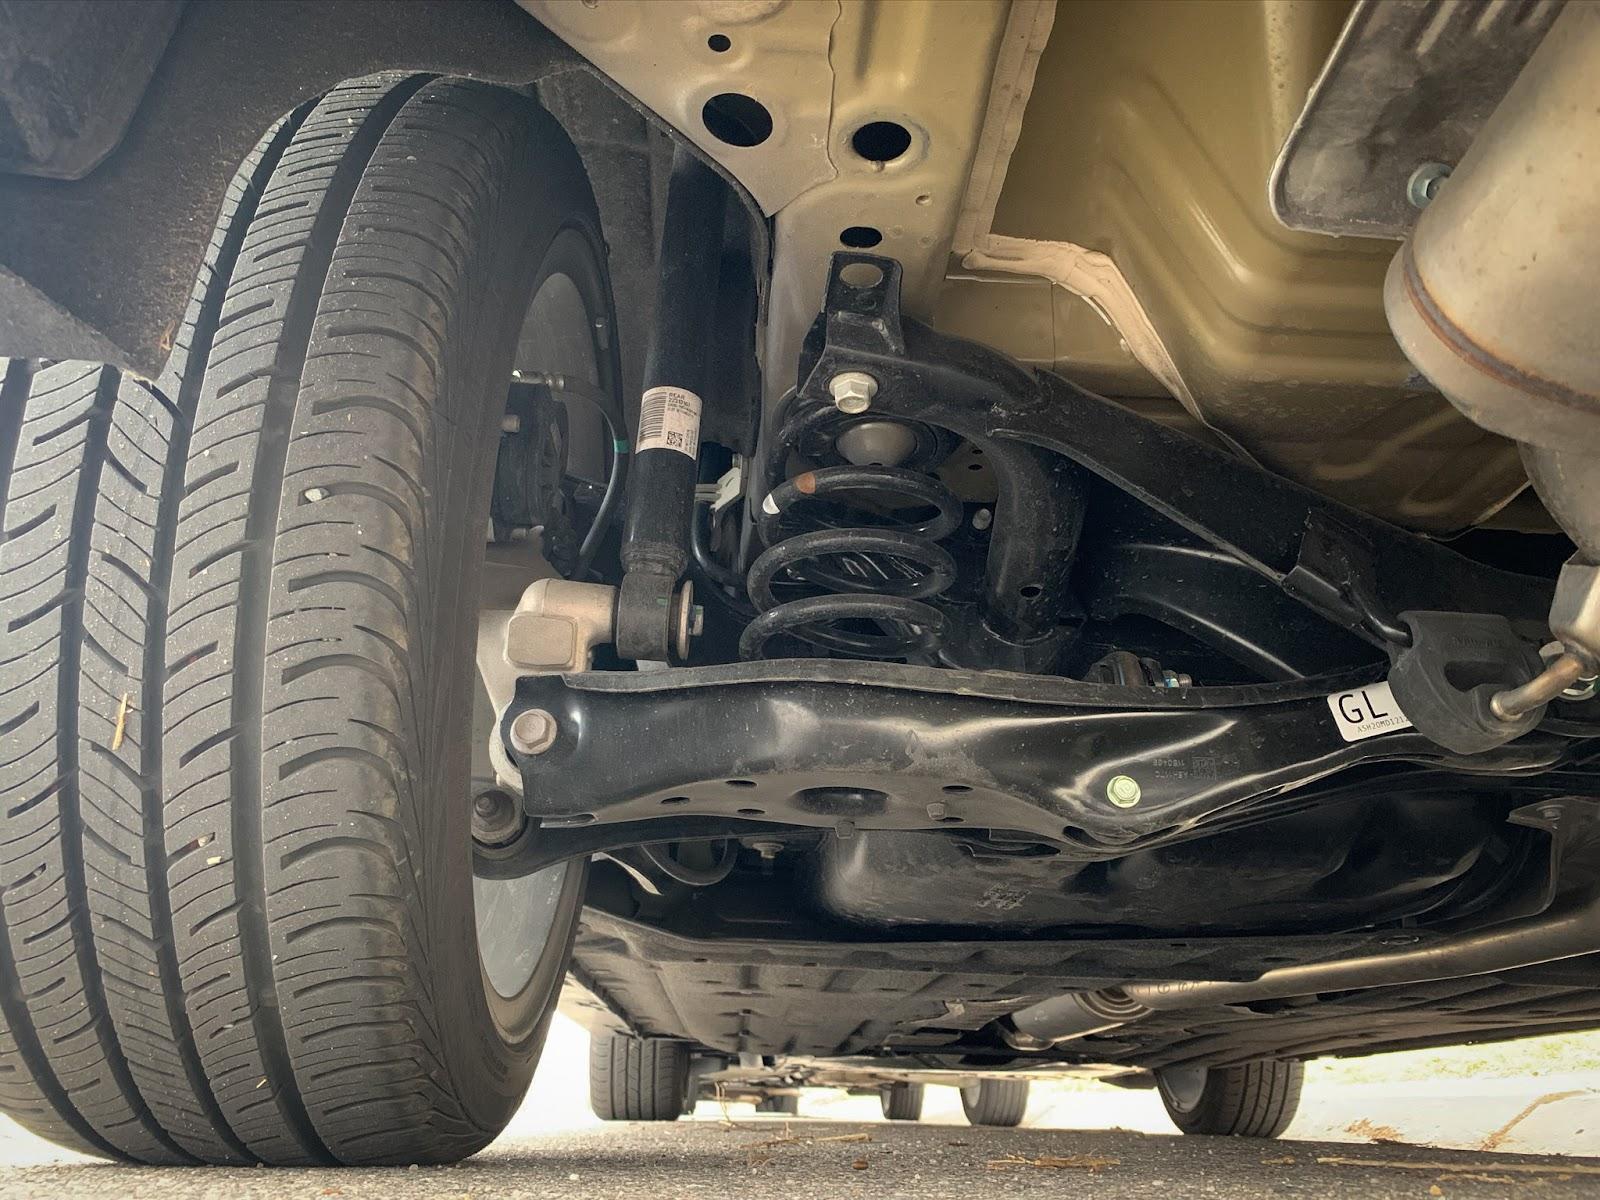 Honda Civic Hatchback suspension